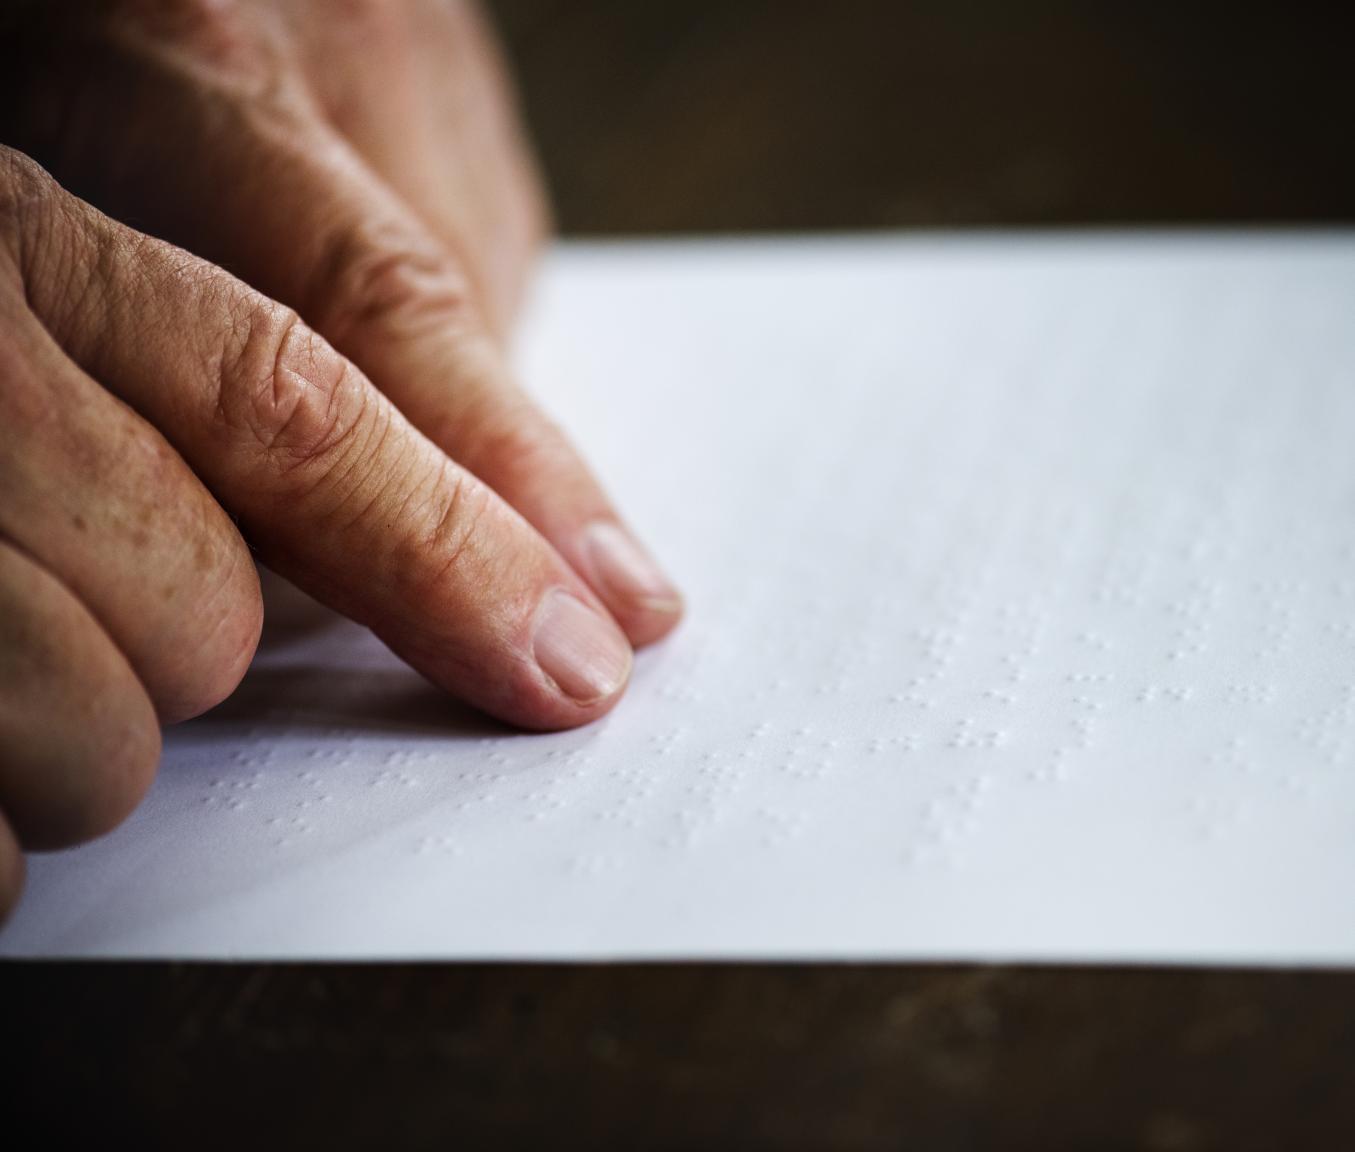 Henkilö lukee paperilta pistekirjoitusta, kamera on kohdistunut käsiin ja paperiin.